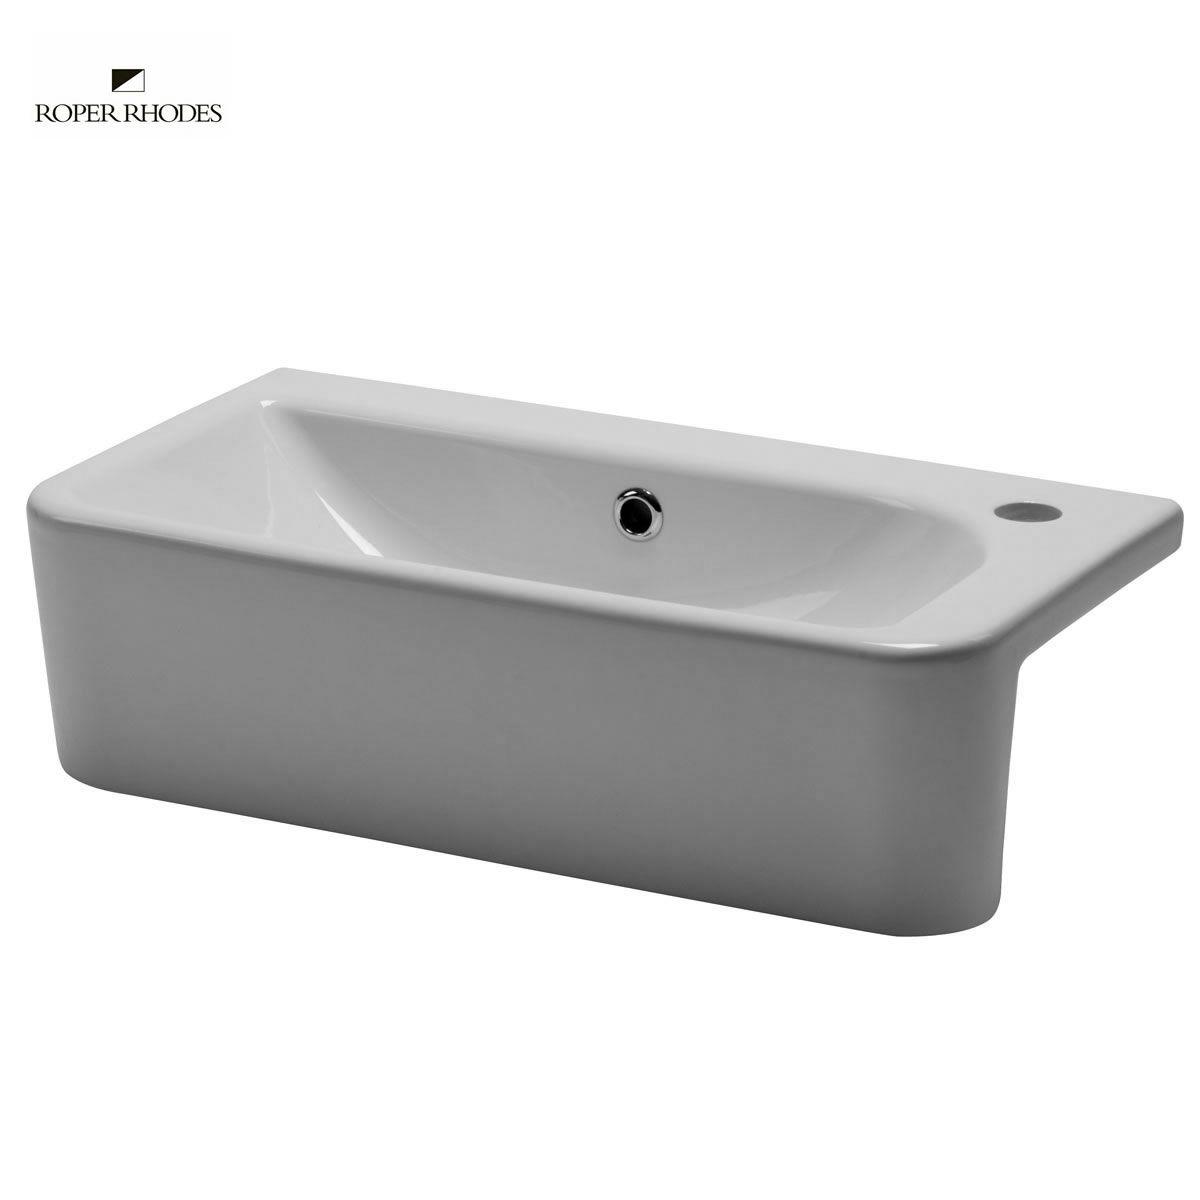 Roper Rhodes Geo Slim Depth Semi-countertop Basin : UK Bathrooms